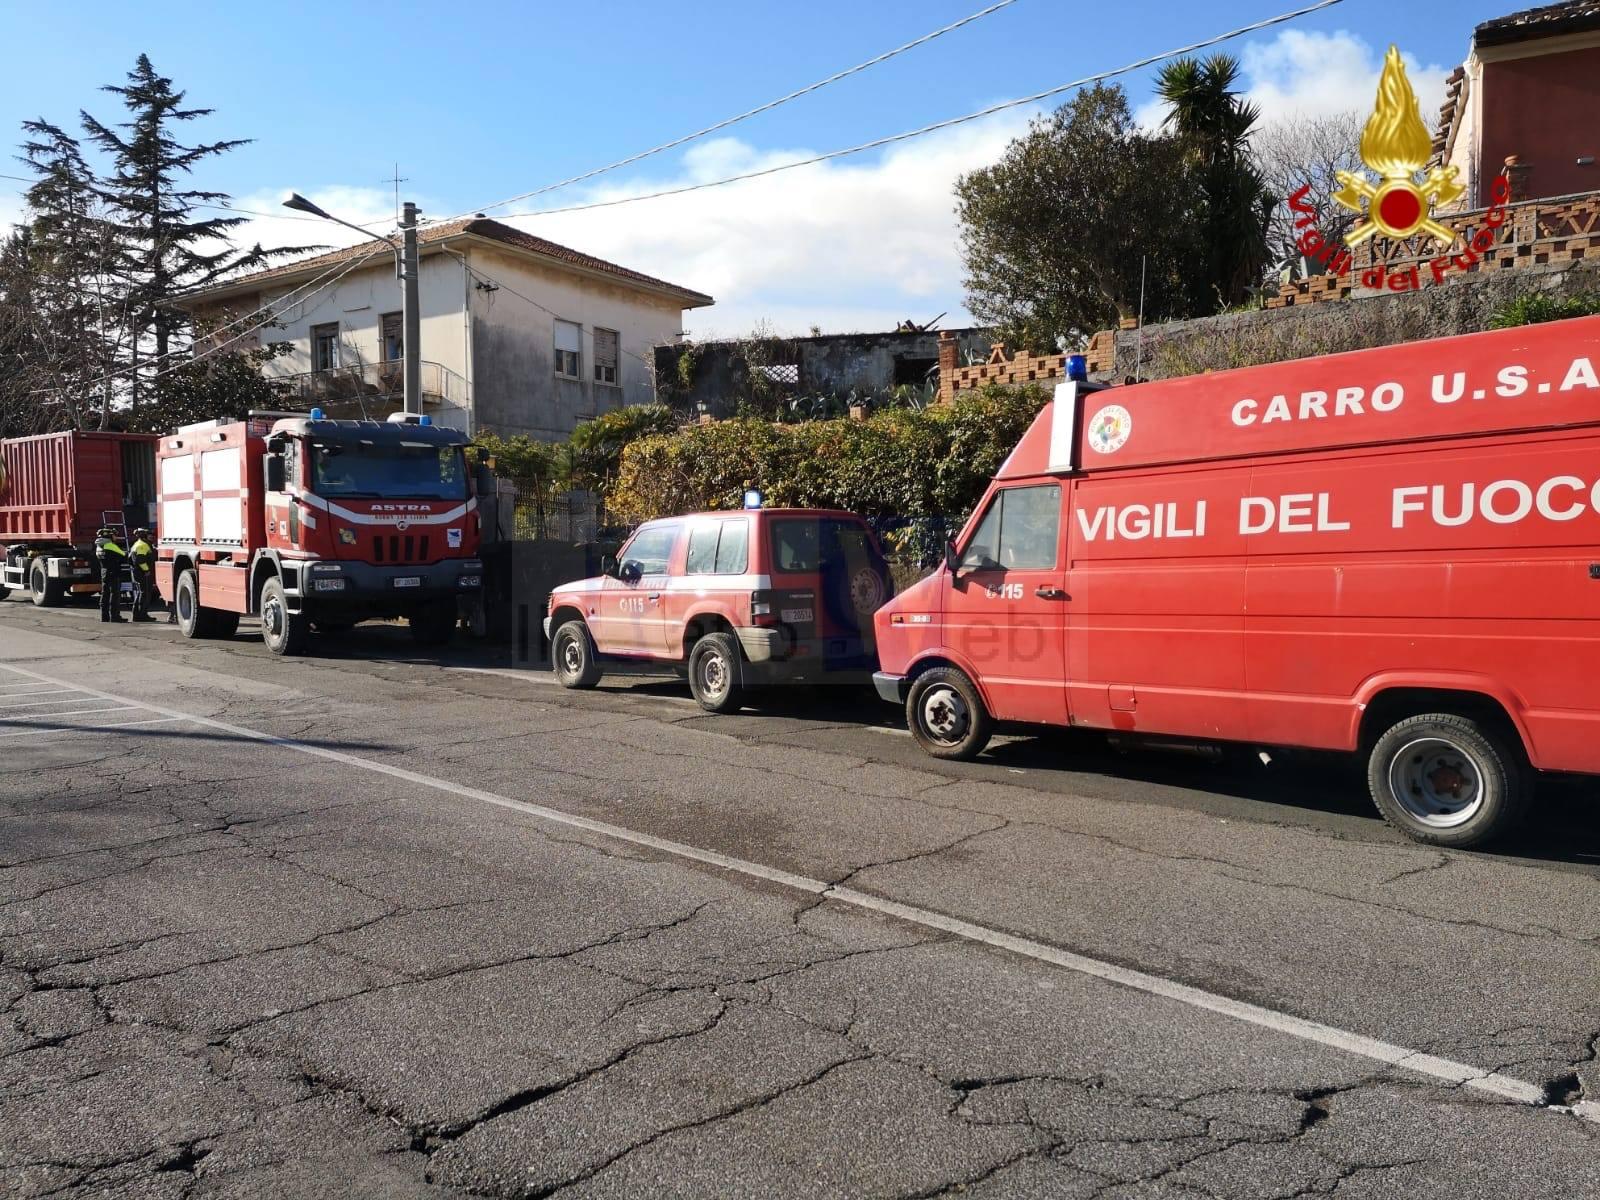 Terremoto, aggiornamento interventi di soccorso effettuati dai VV.FF.